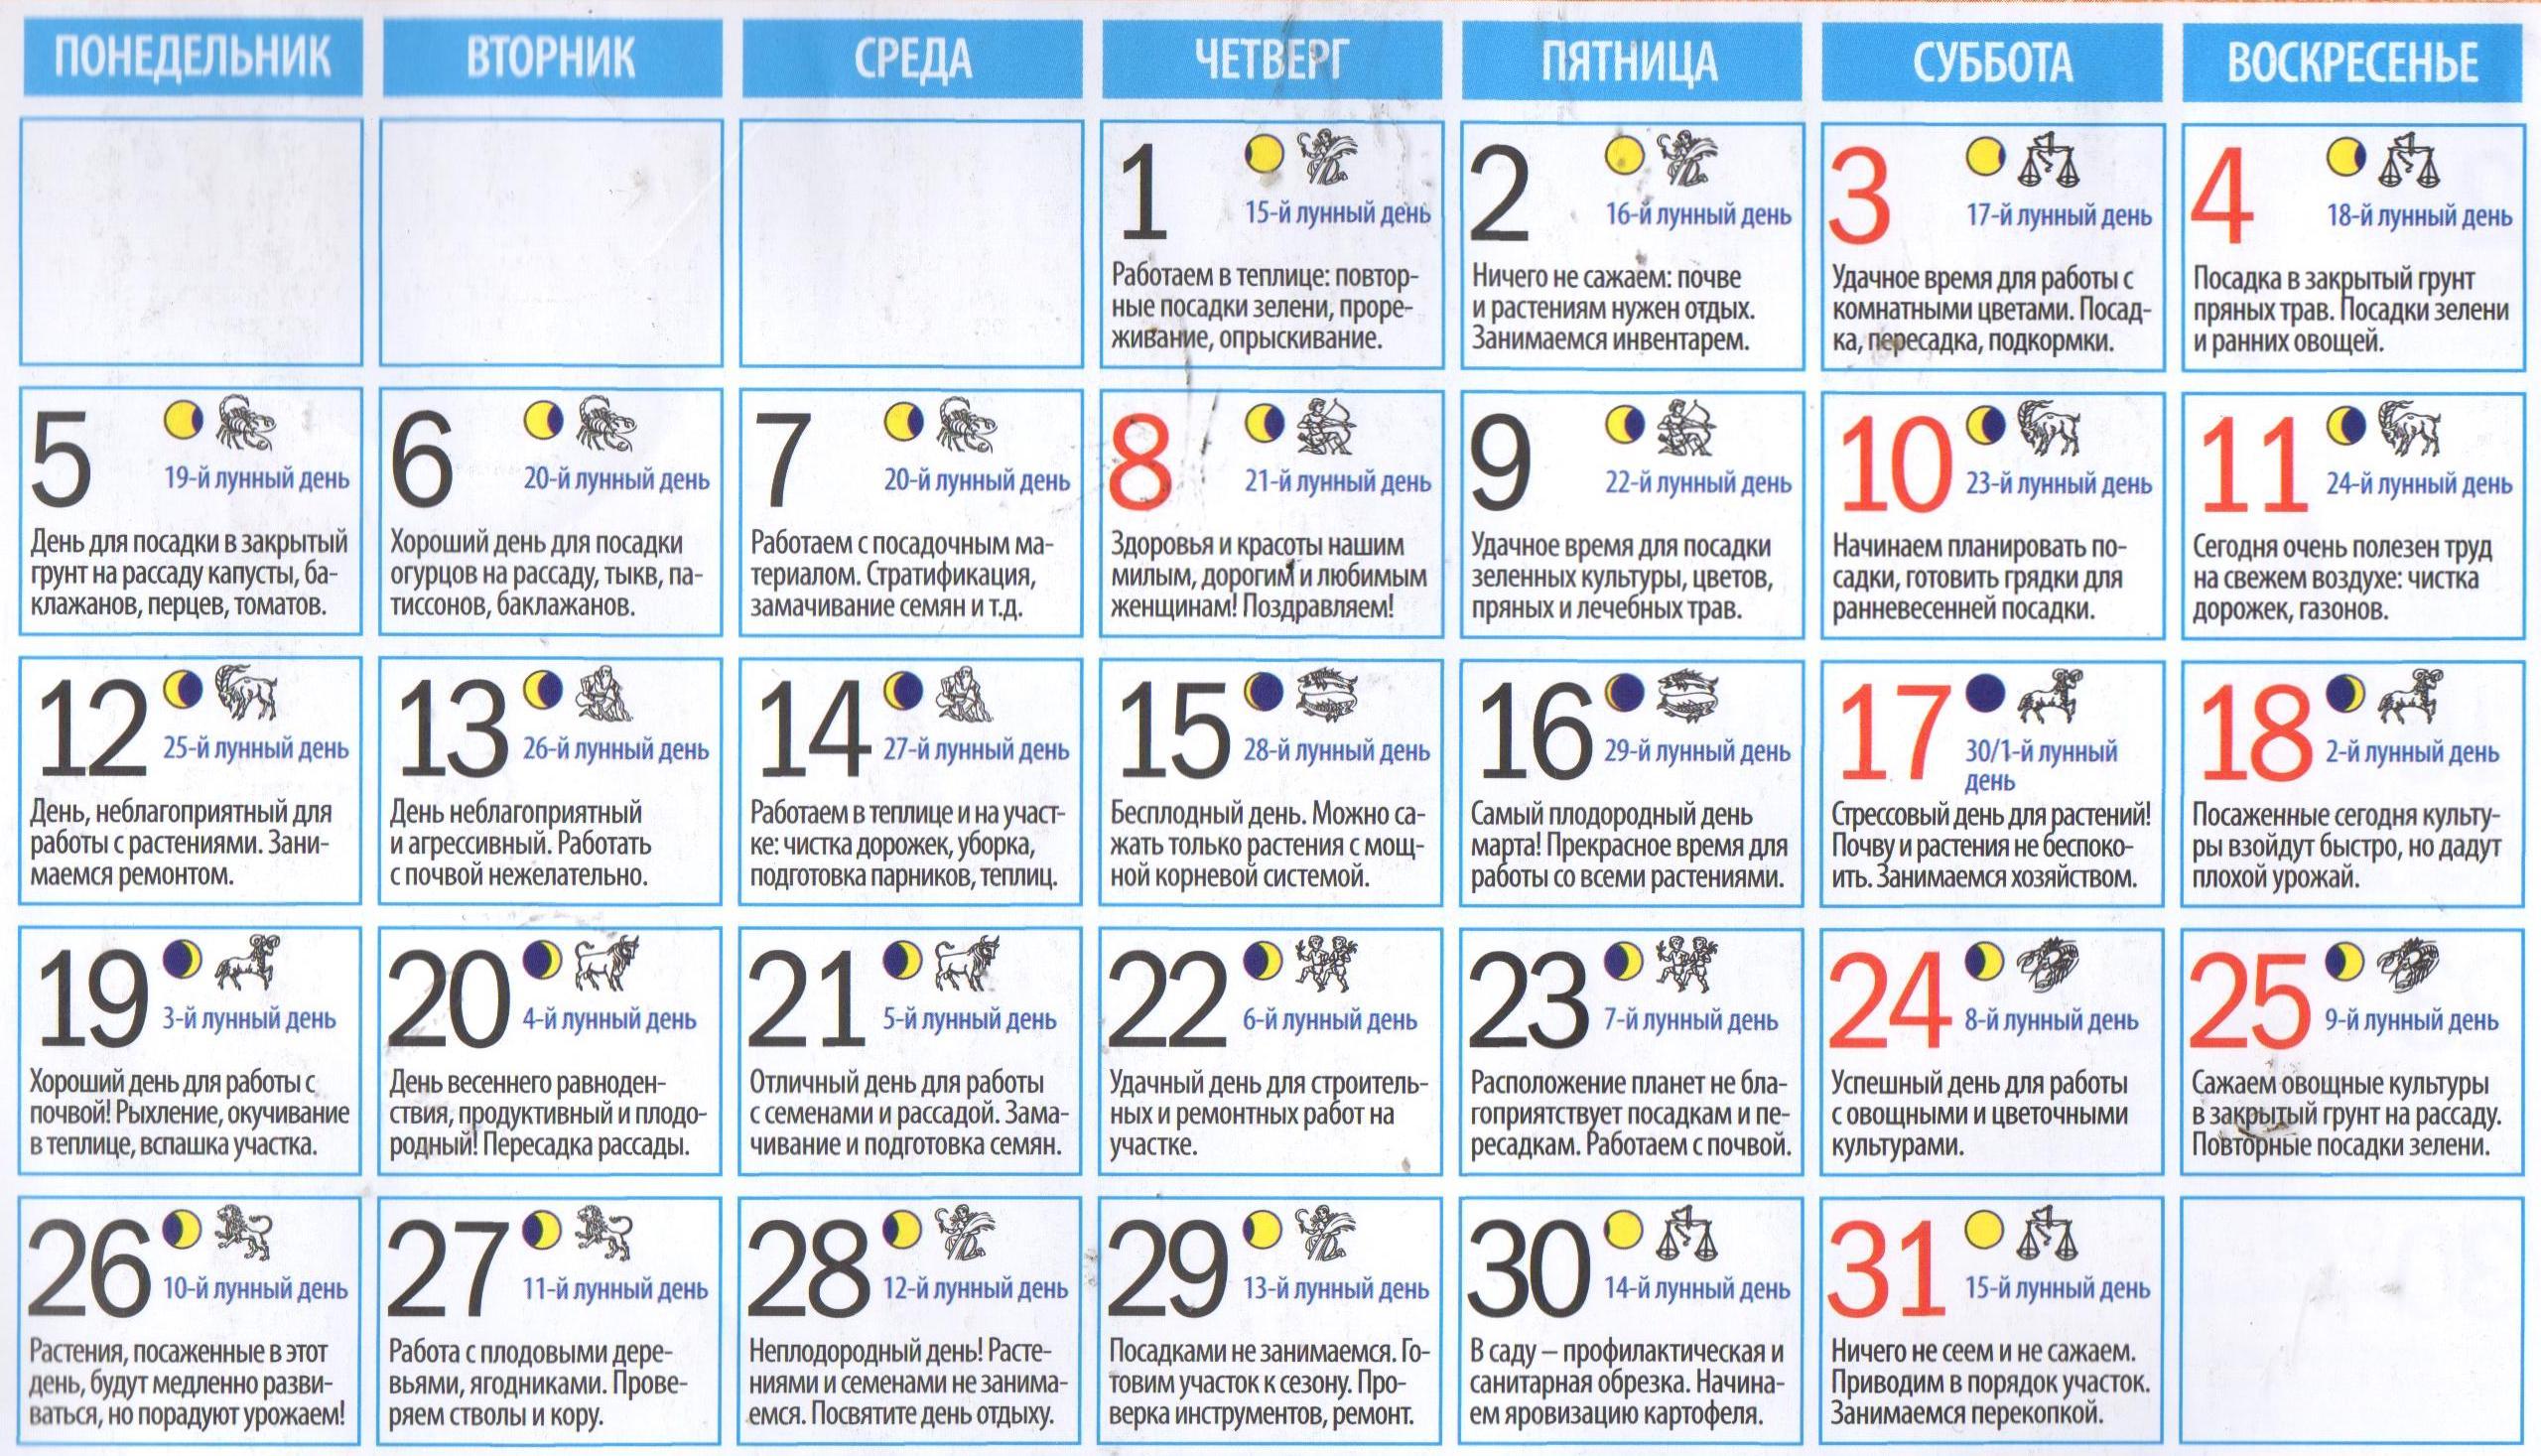 Смотри! Посевной календарь садовода и огородника на 2019 год новые фото